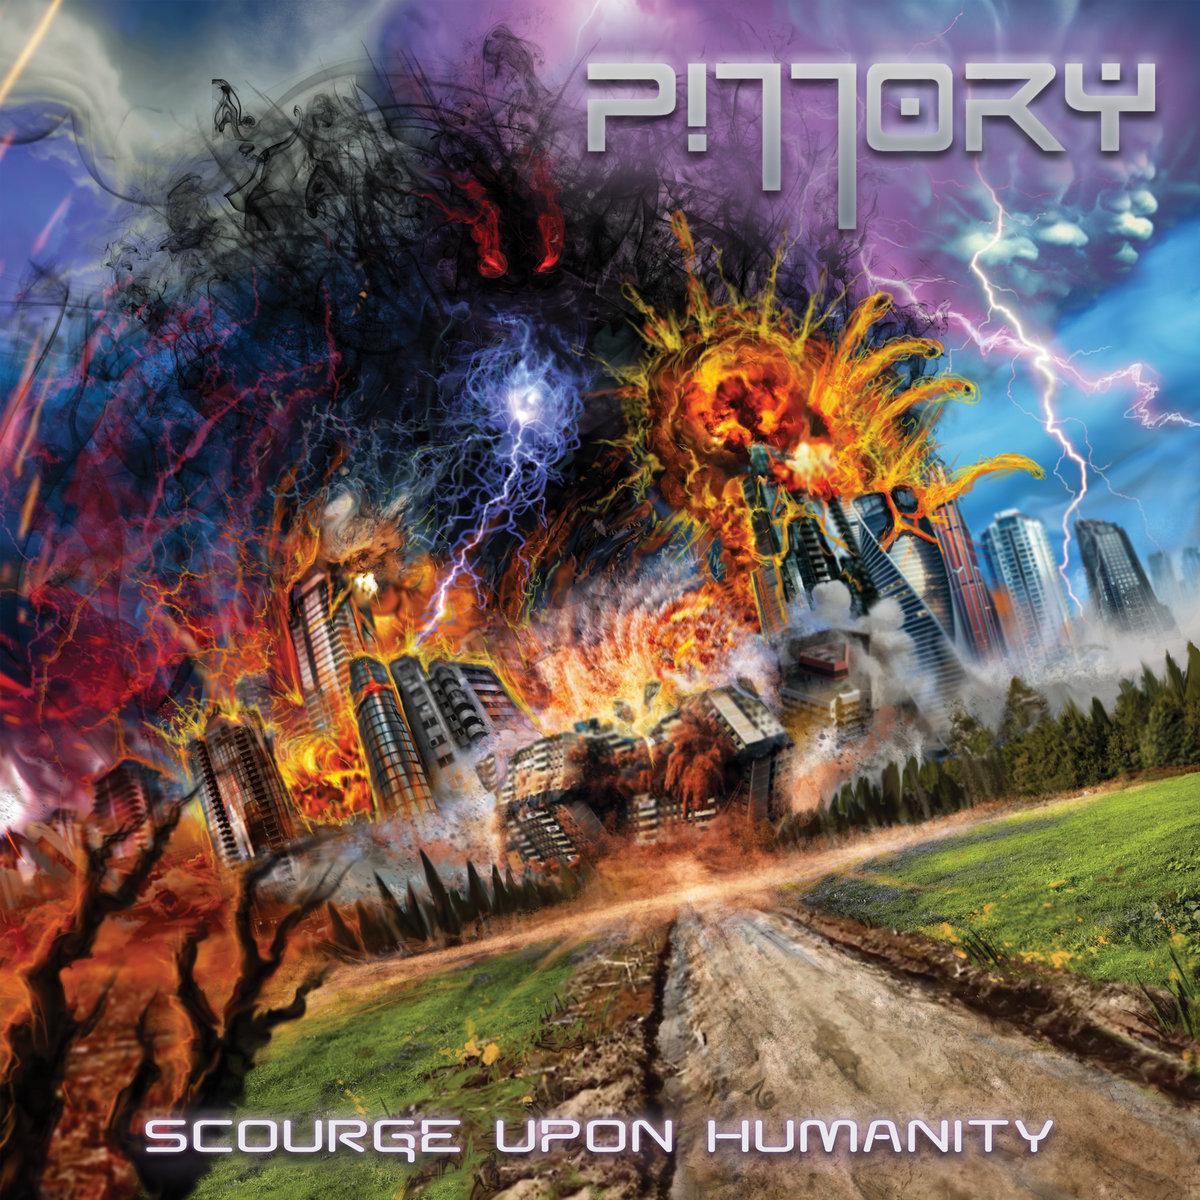 PILLORY : les détails du nouvel album  Scourge upon Humanity ; la chanson «Diluted Existence»